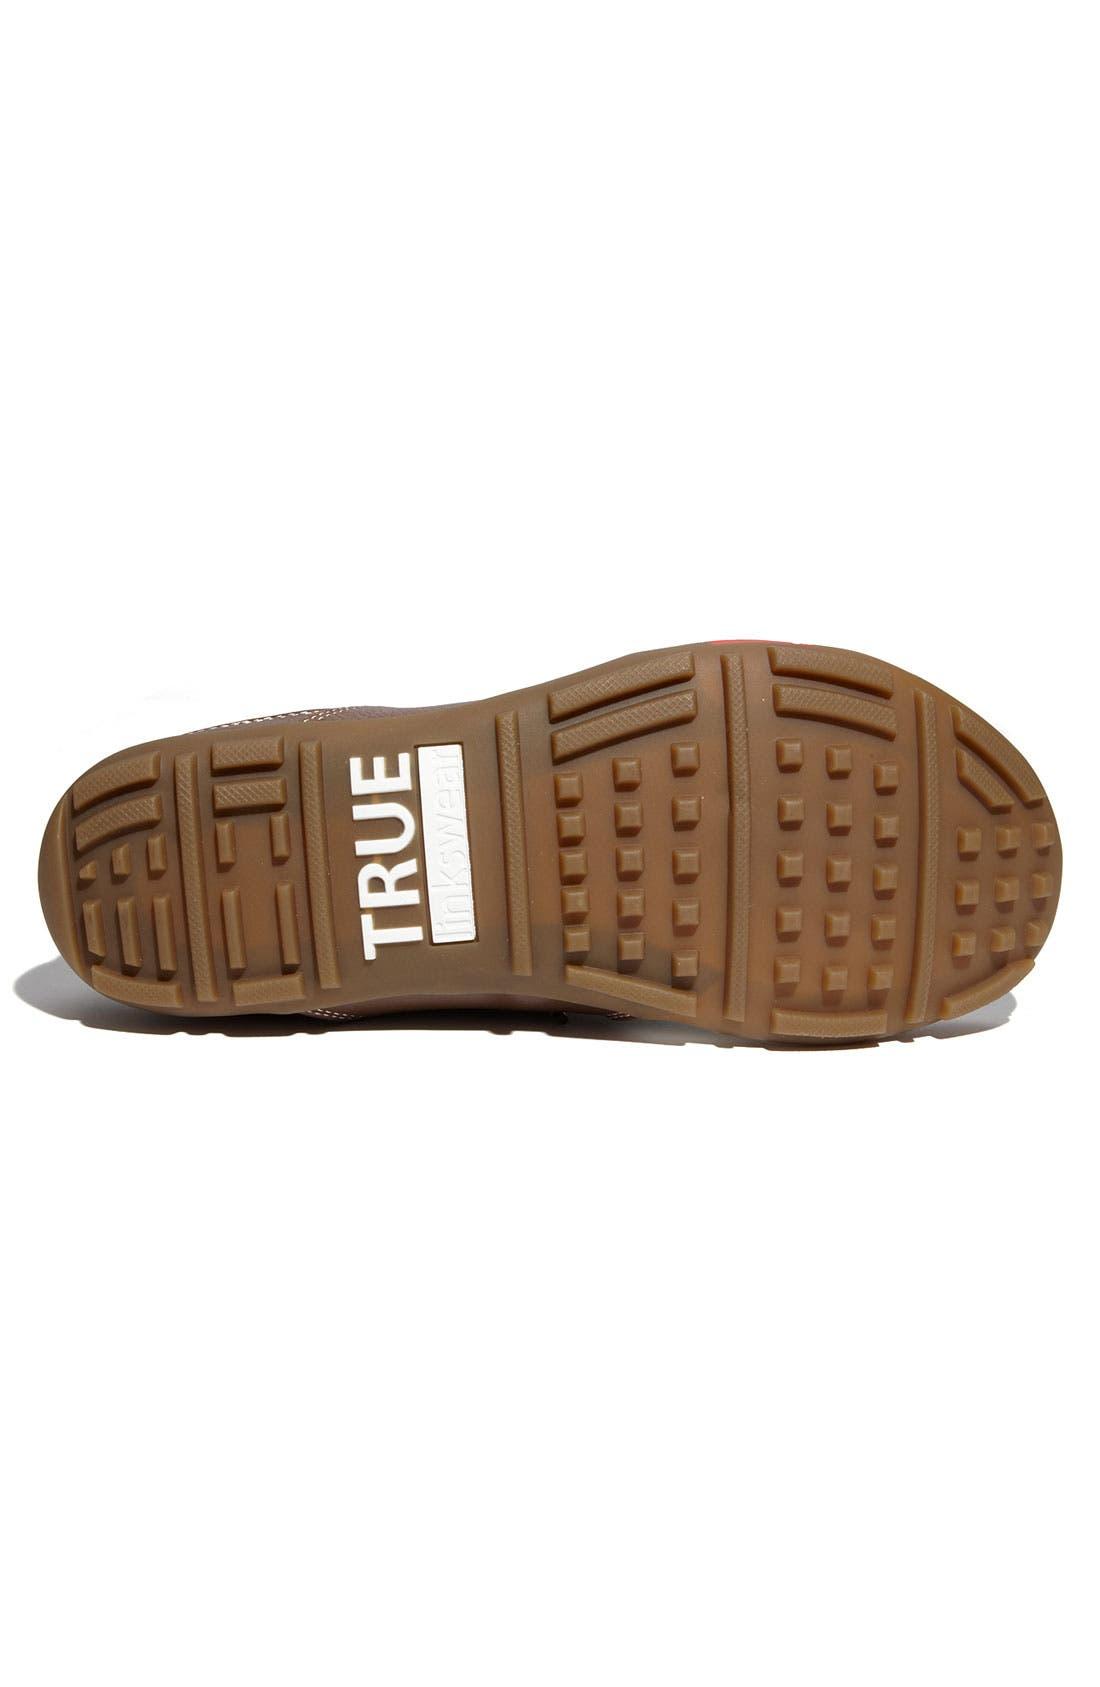 Alternate Image 4  - TRUE linkswear 'True Tour' Golf Shoe (Men)